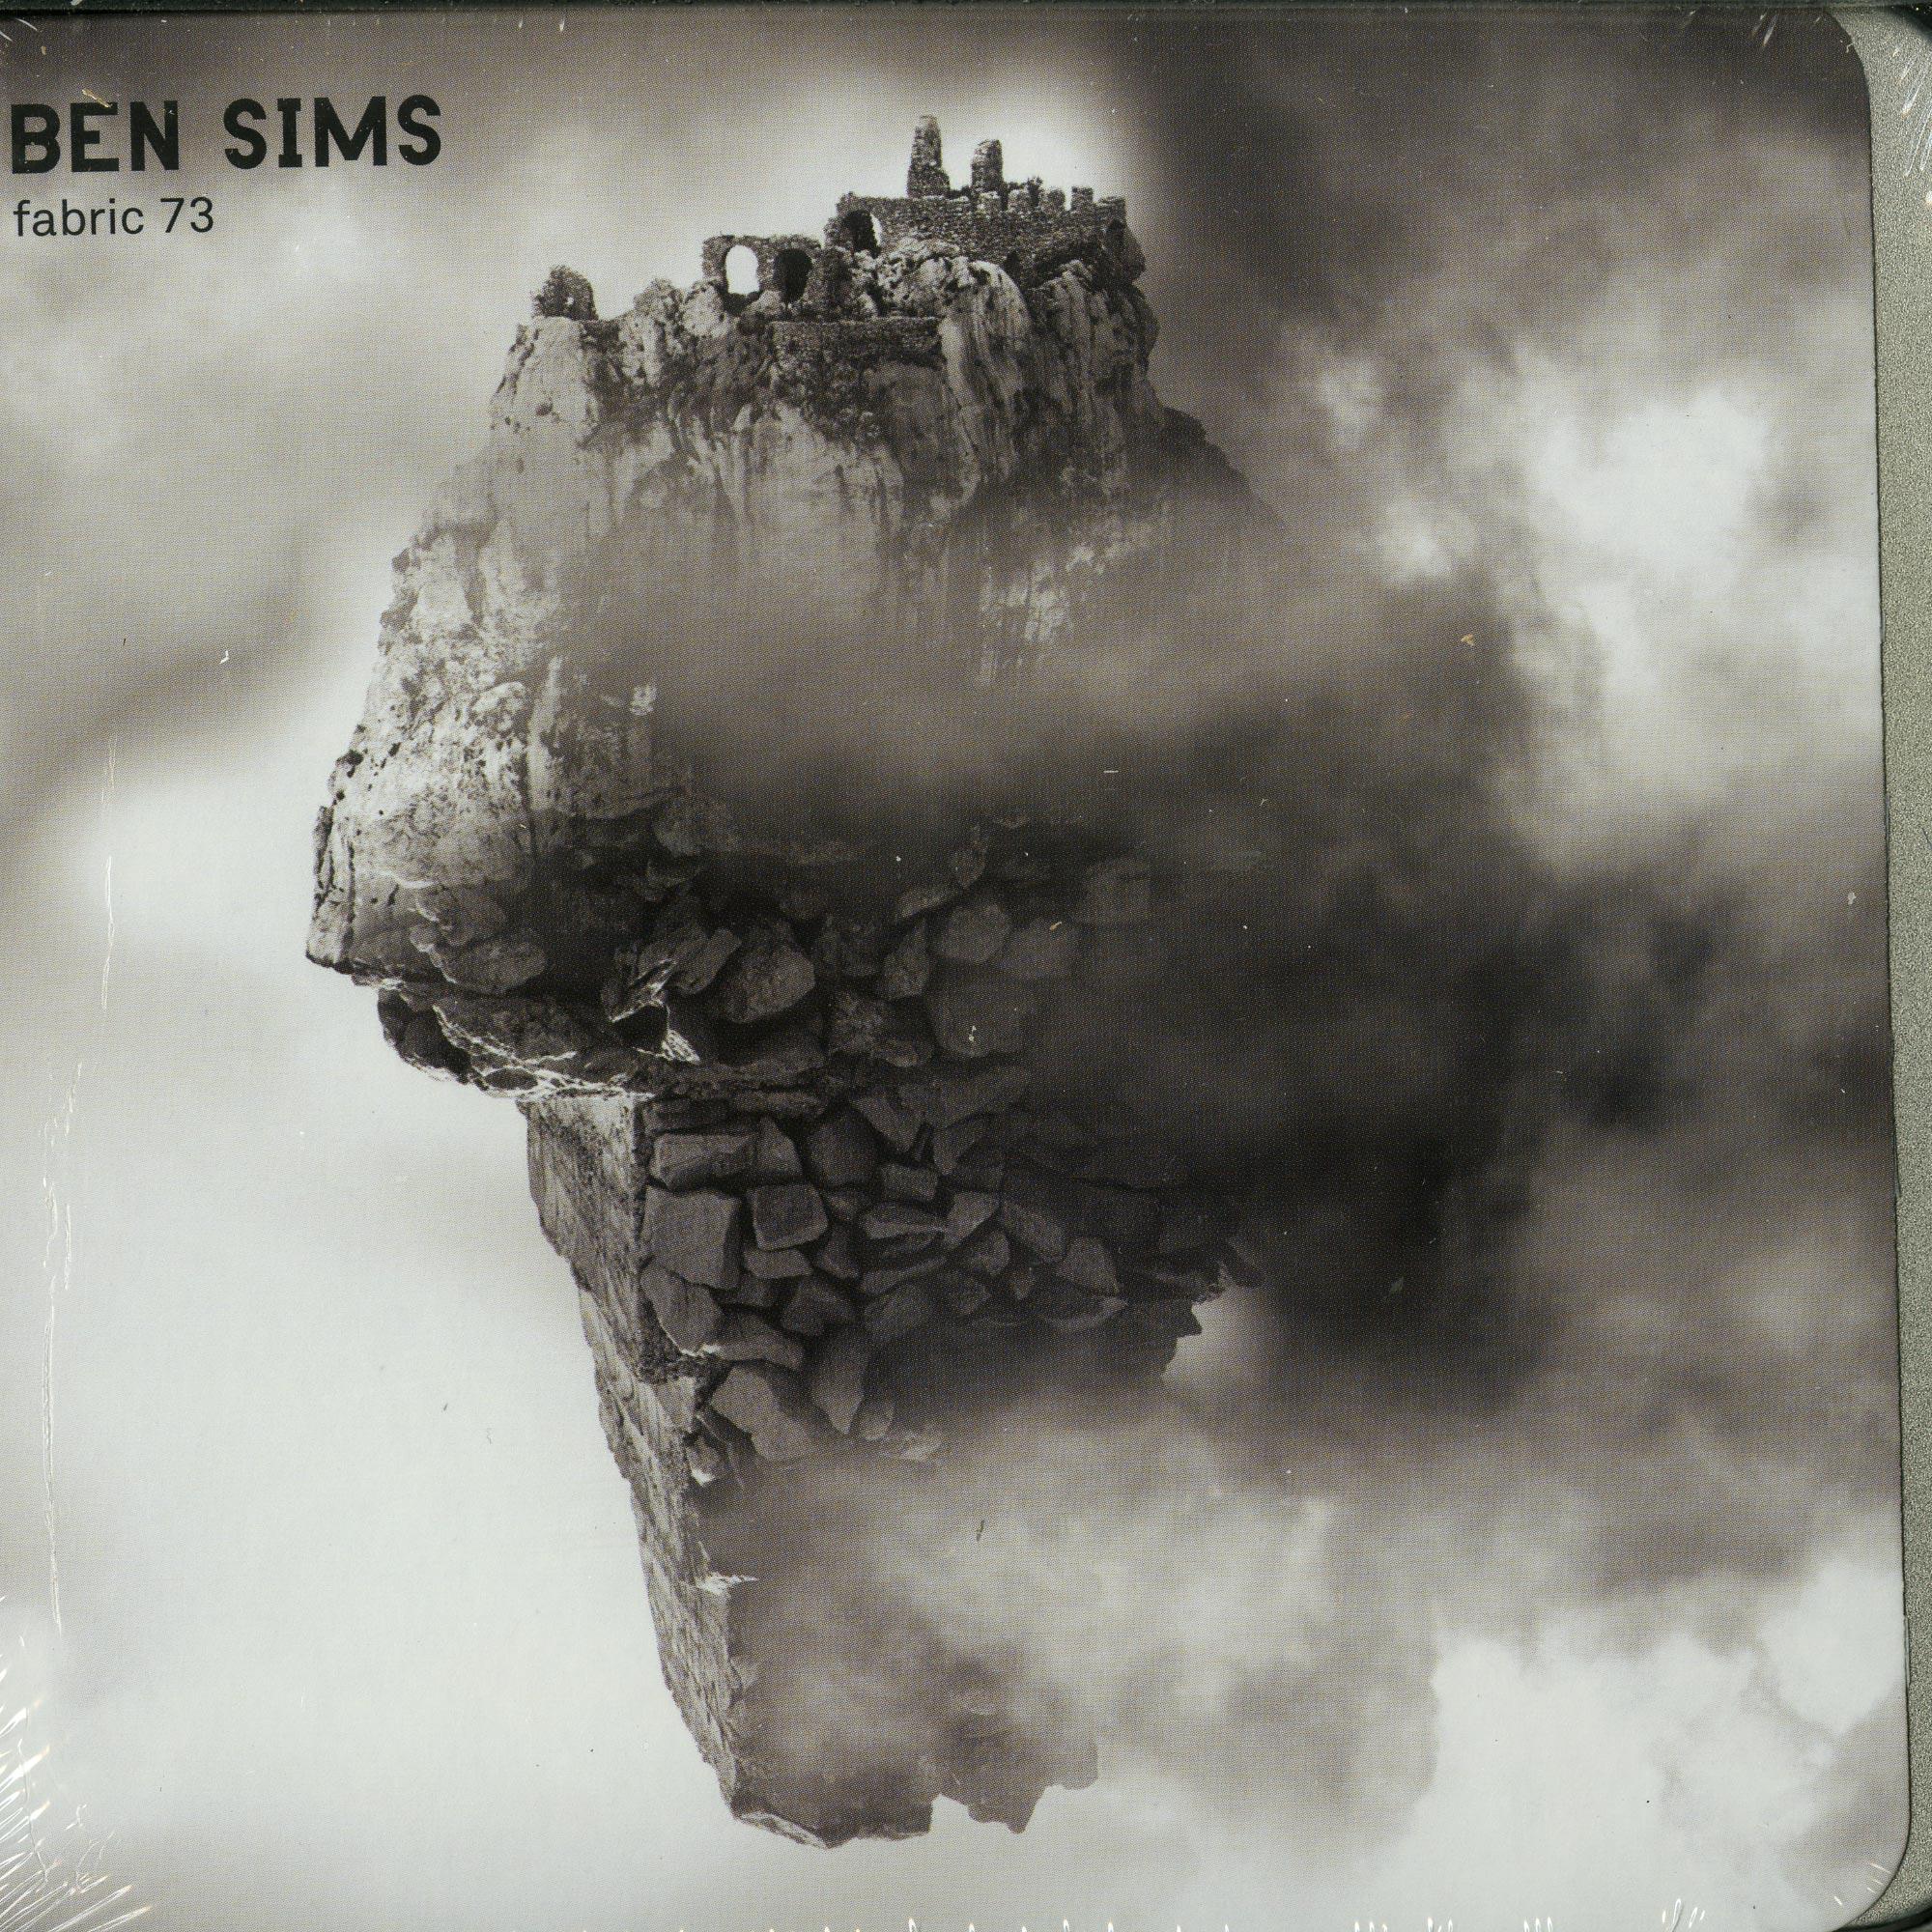 Ben Sims - FABRIC 73